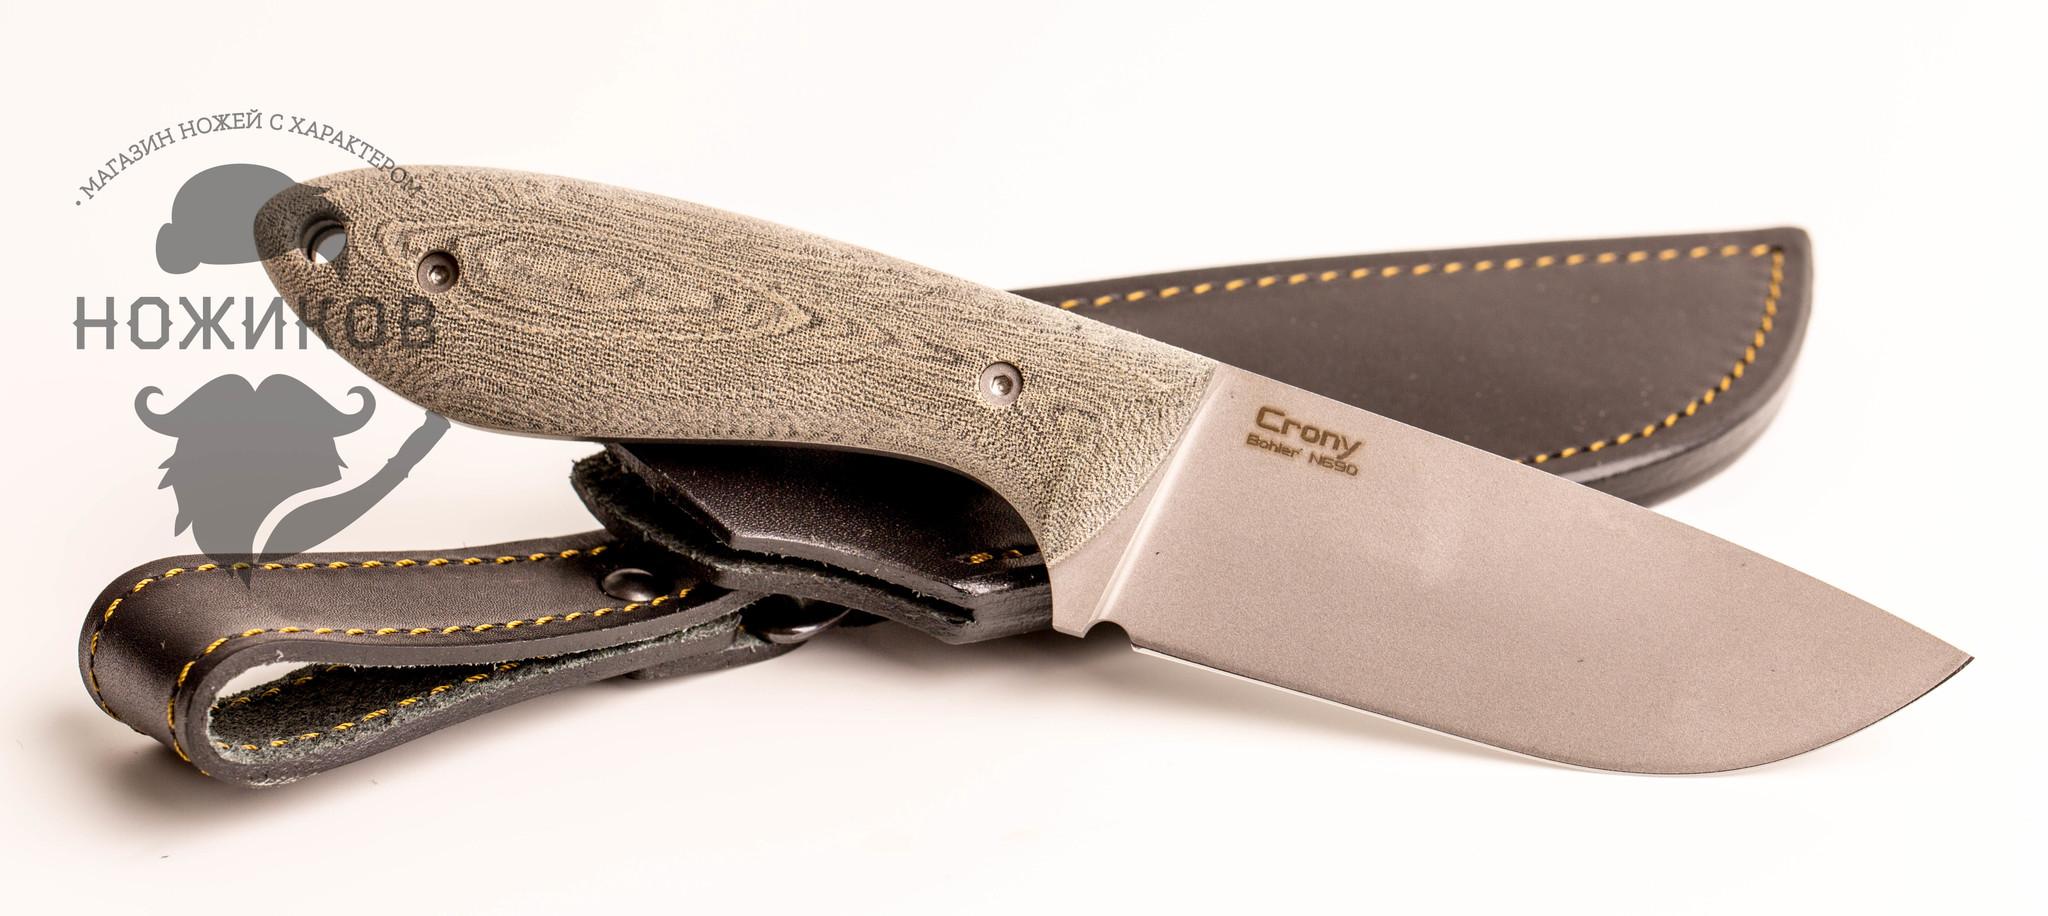 Фото 4 - Нож Crony, микарта , N690 от N.C.Custom